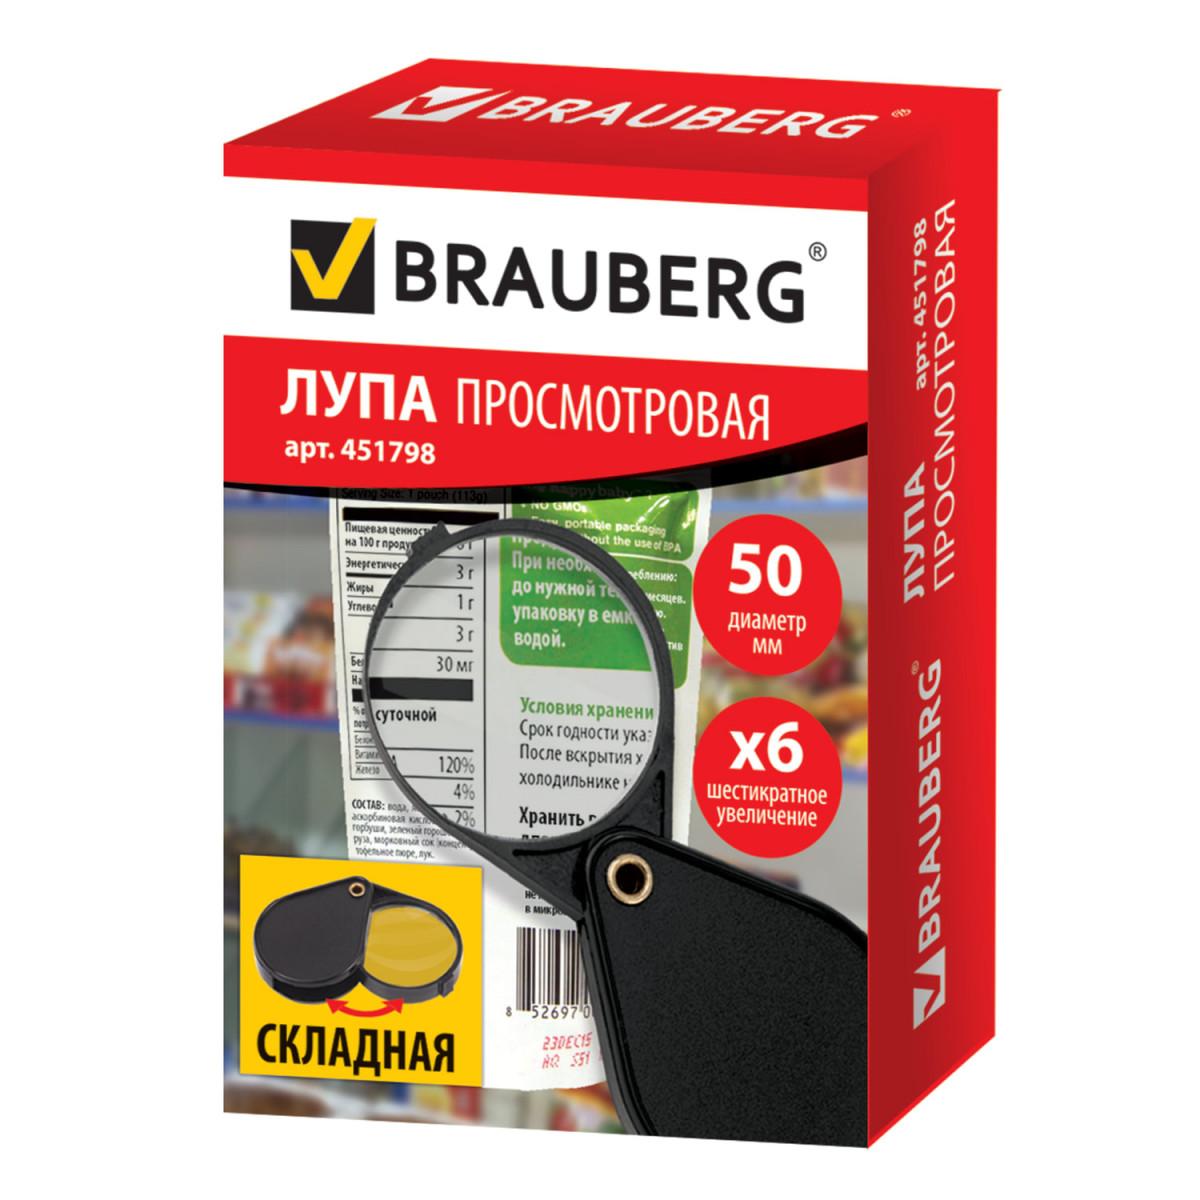 Лупа просмотровая BRAUBERG, складная, диаметр 50 мм, увеличение 6, 451798 (арт. 451798)